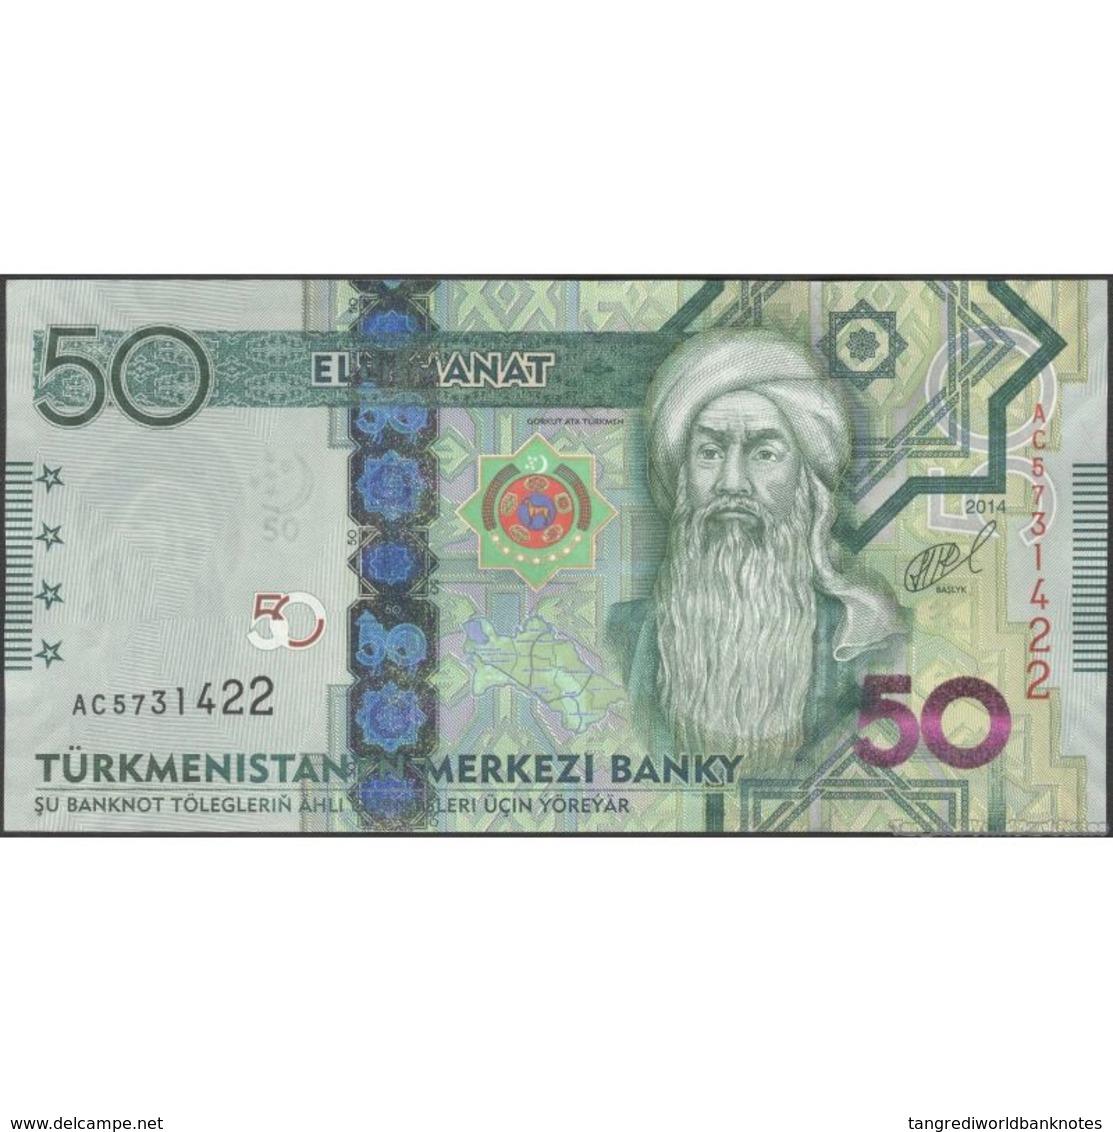 TWN - TURKMENISTAN 33 - 50 Manat 2014 Prefix AC UNC - Turkmenistan